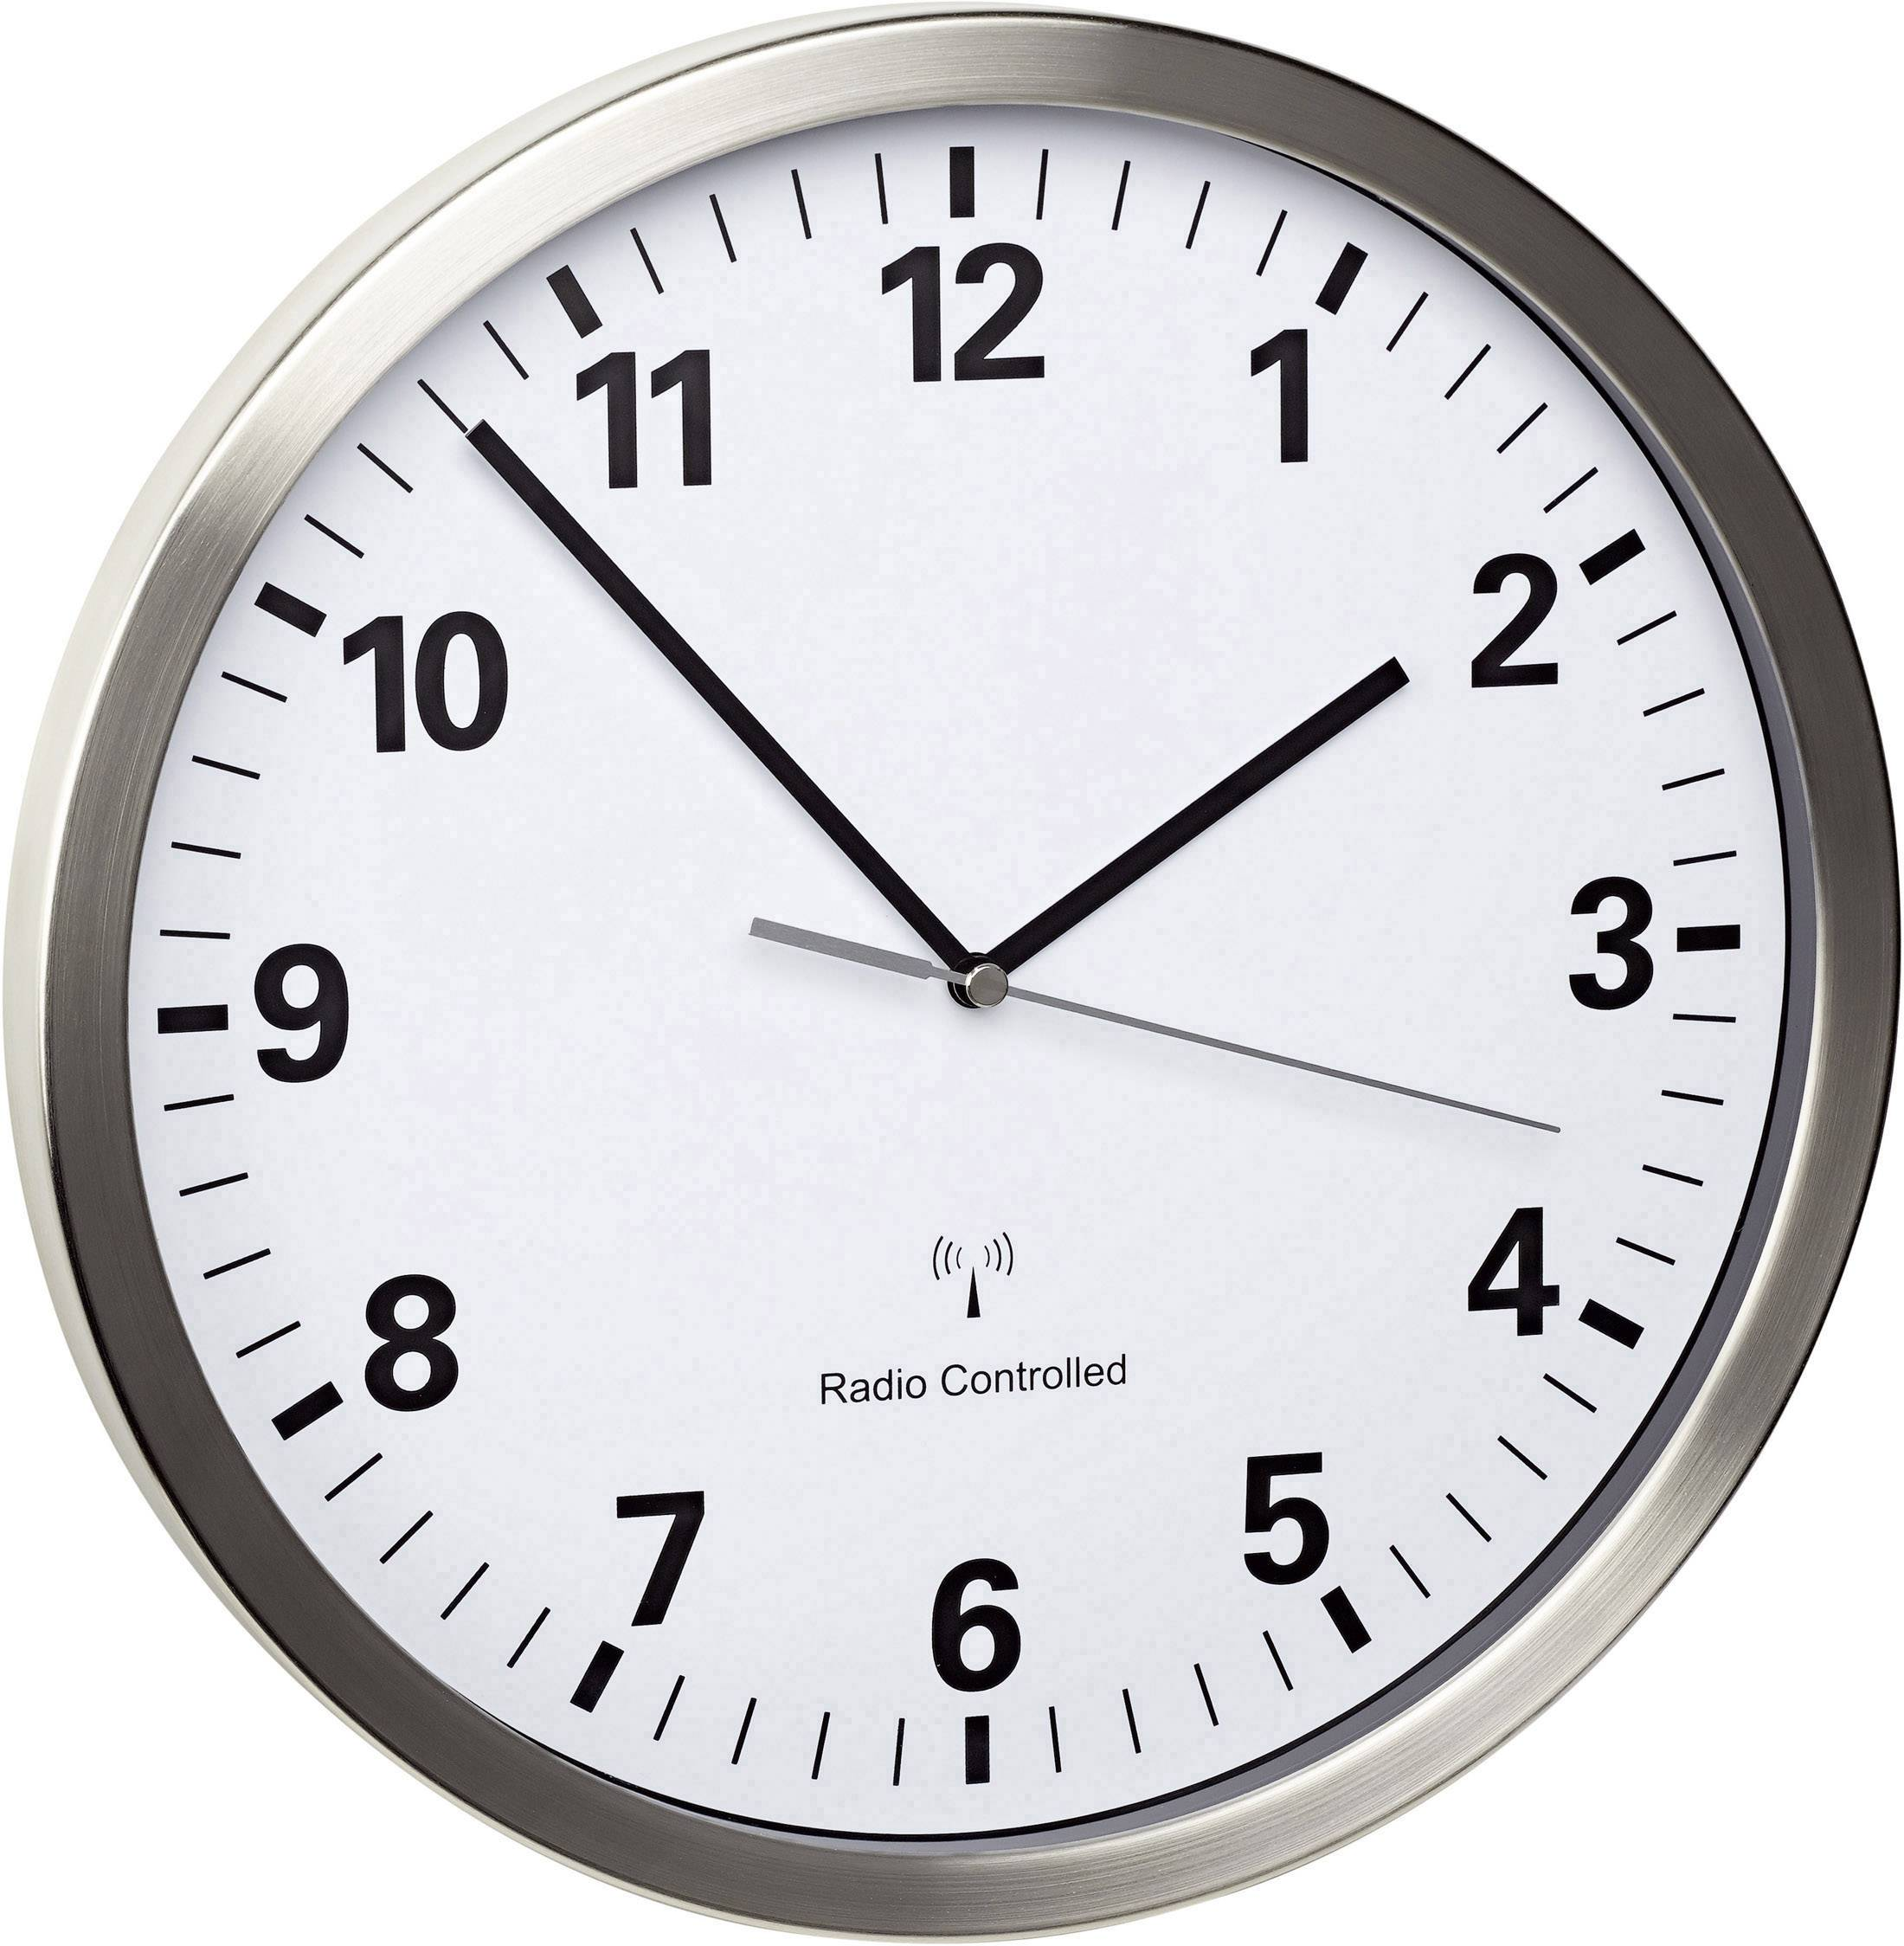 DCF nástenné hodiny TFA Funk-Wanduhr 60.3523.02, vonkajší Ø 30.5 cm, nerezová oceľ